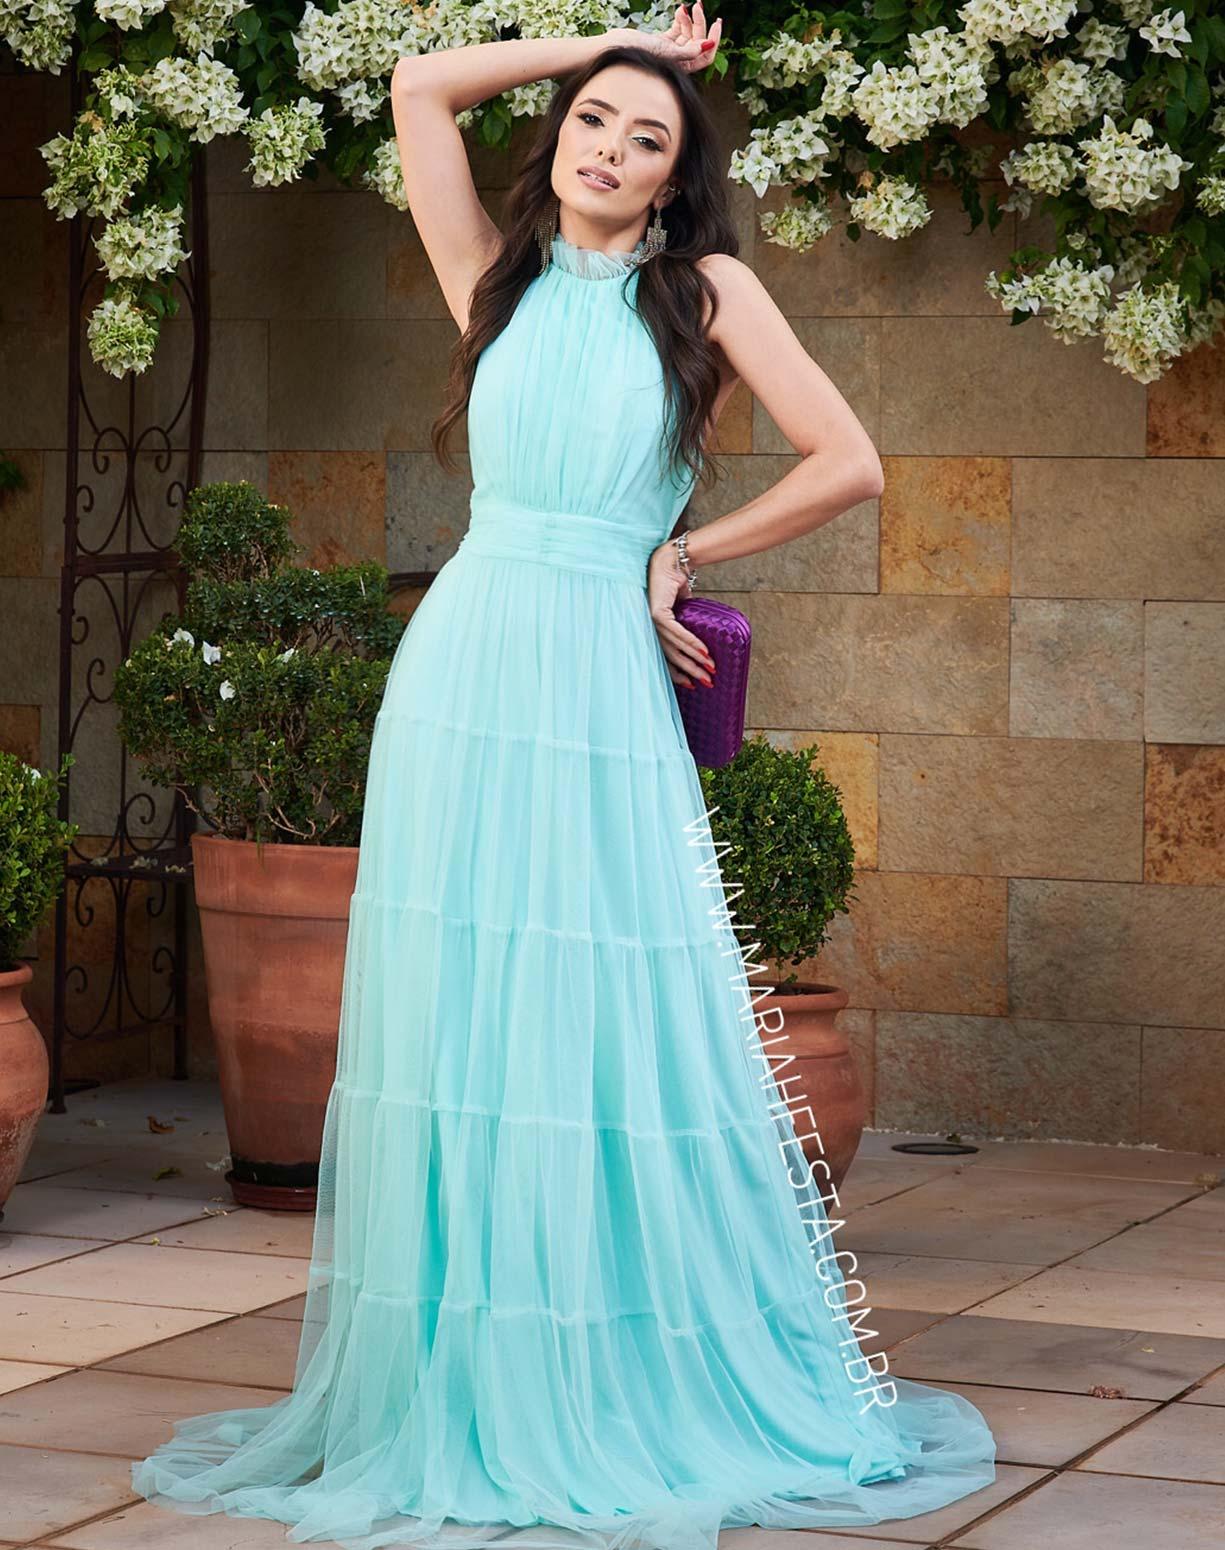 Vestido Tiffany Frente Única com Gola Jabô